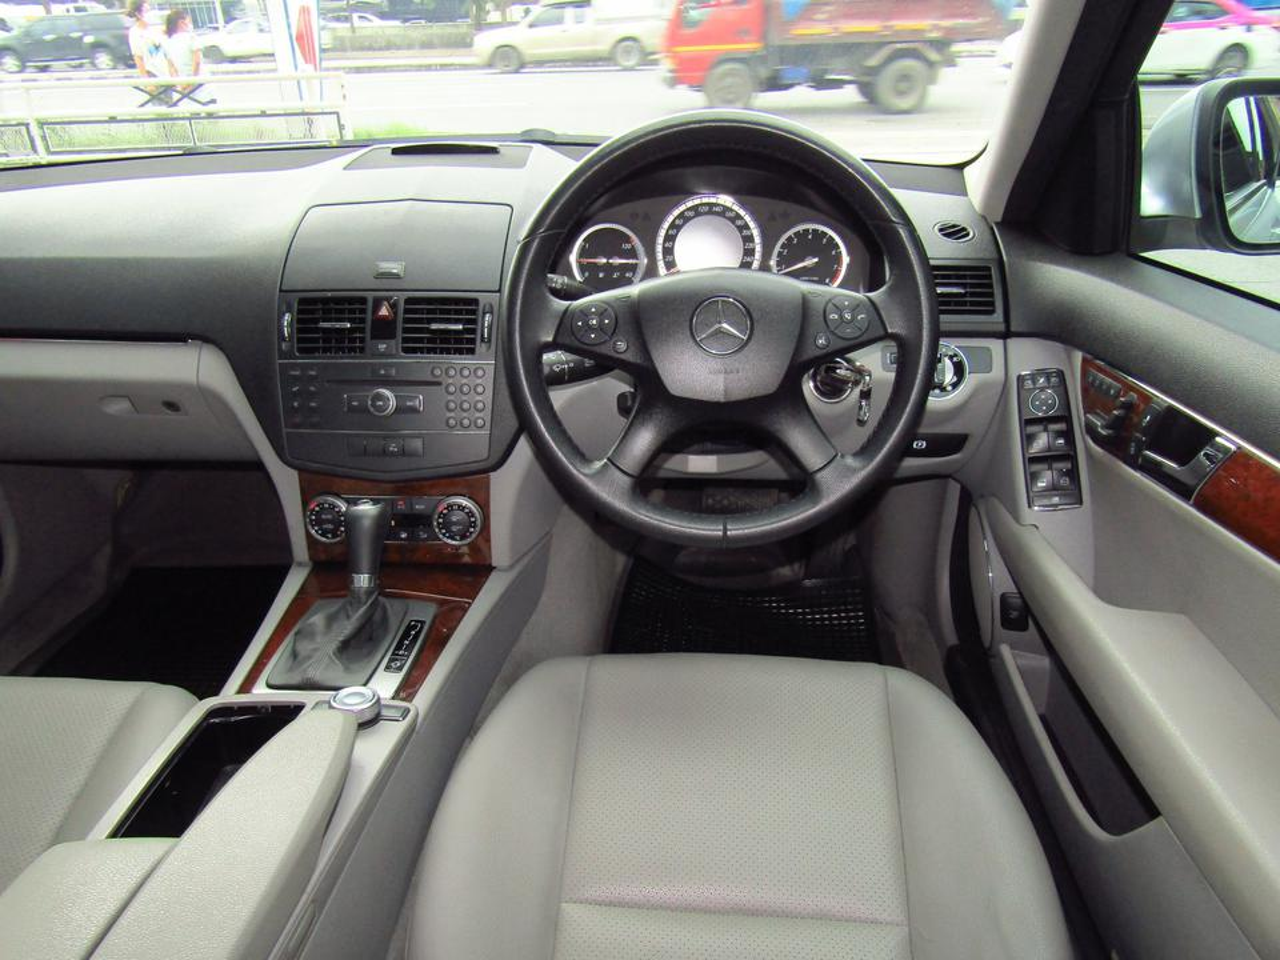 ⭐ ฟรีดาวน์ ออกรถ 0 บาท Benz C 200 K ELEGANCE ปี 2008 W 204 เบ็นซ์ รถบ้าน รถมือสอง รูปที่ 4